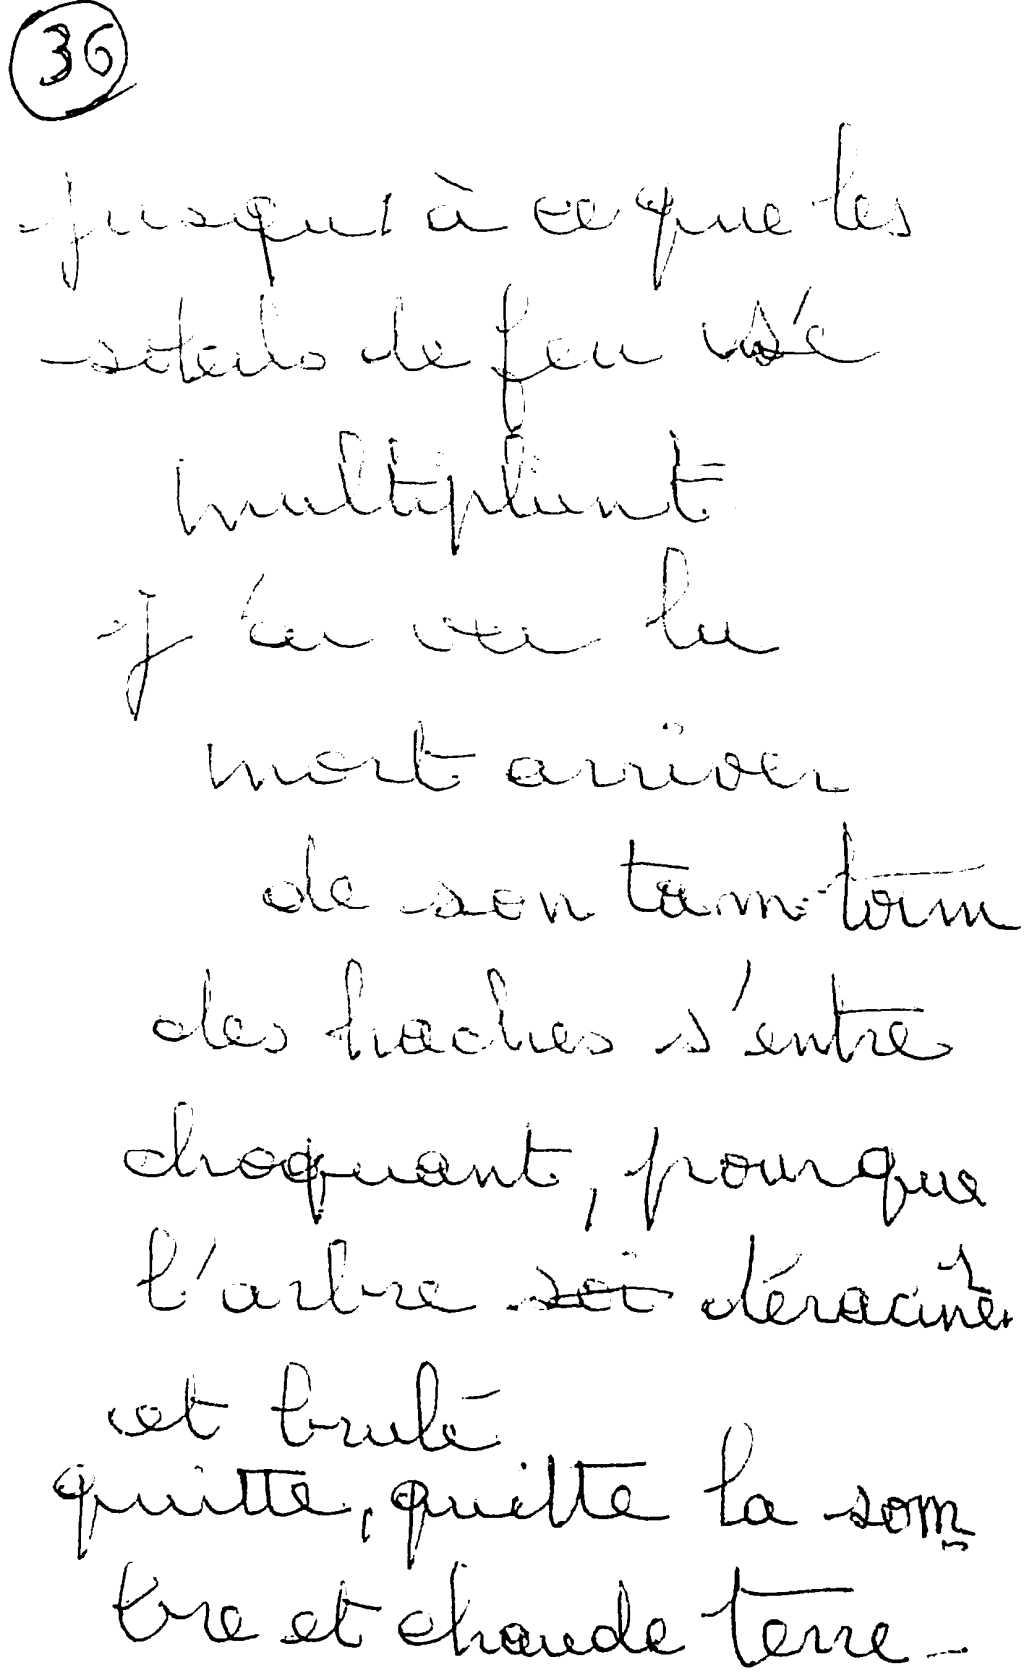 manuscrit du poème 2590